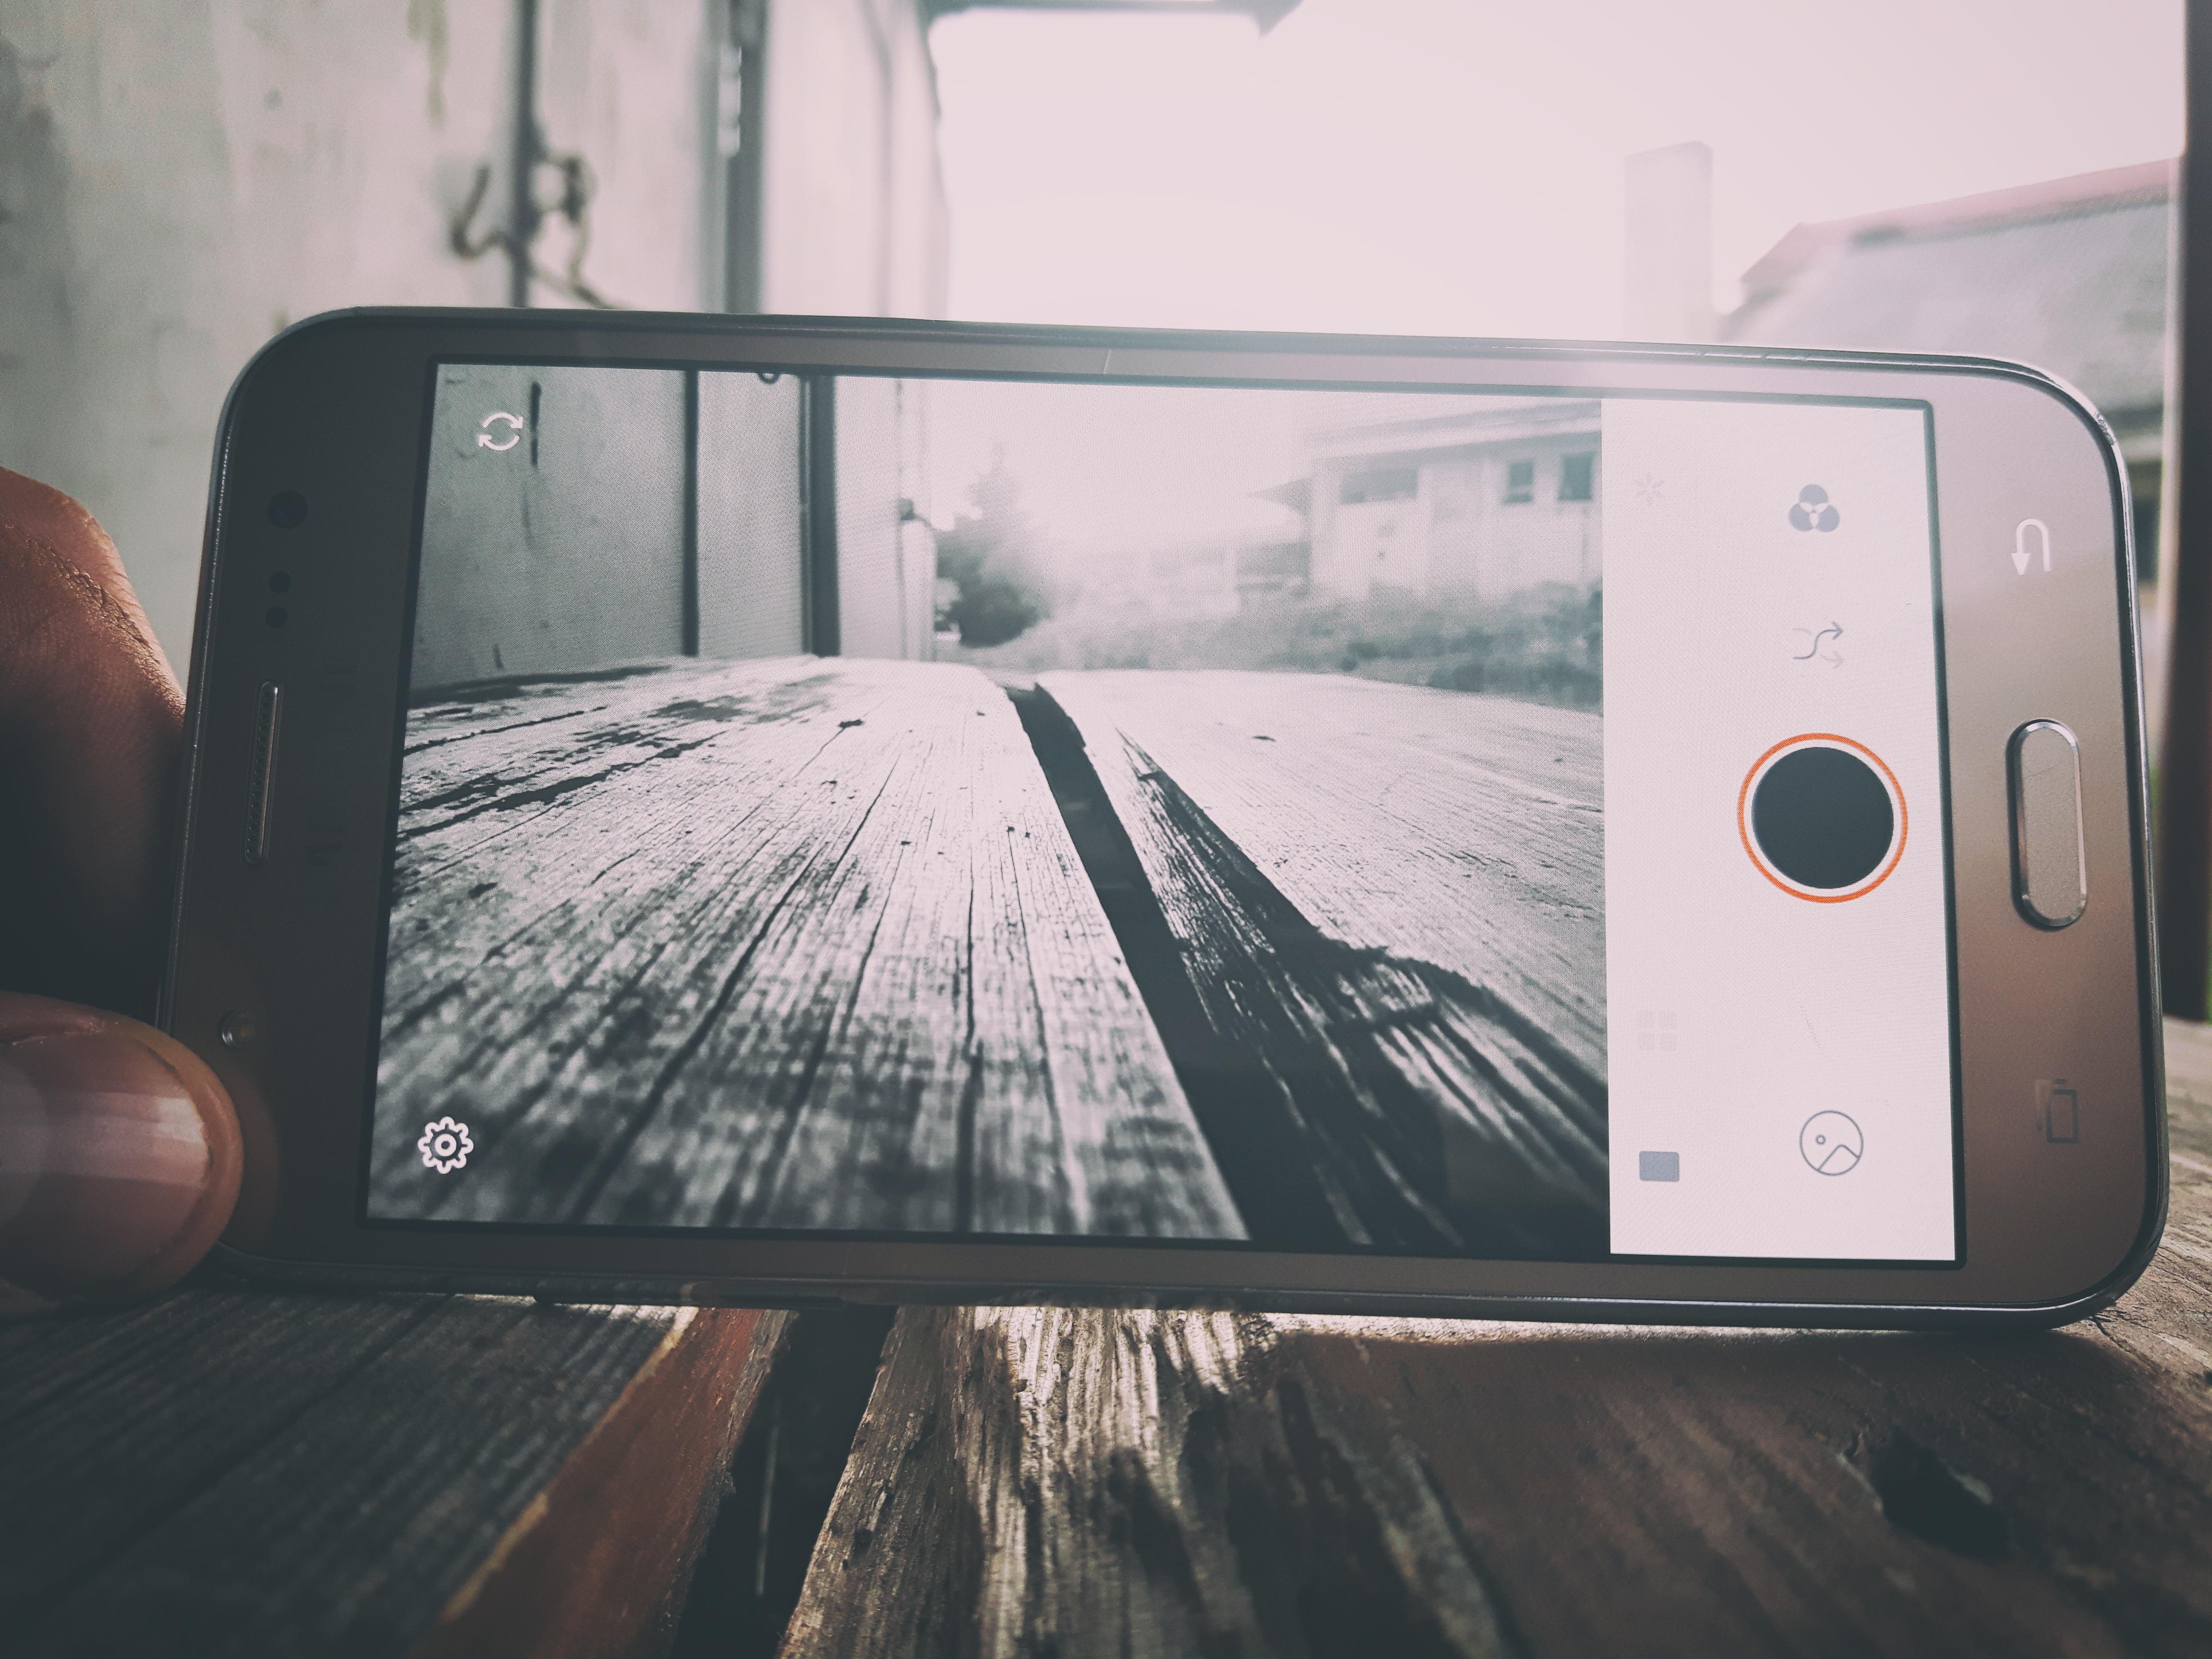 Gambar Smartphone Teknologi Putih Jendela Kaca Menyetir Alat